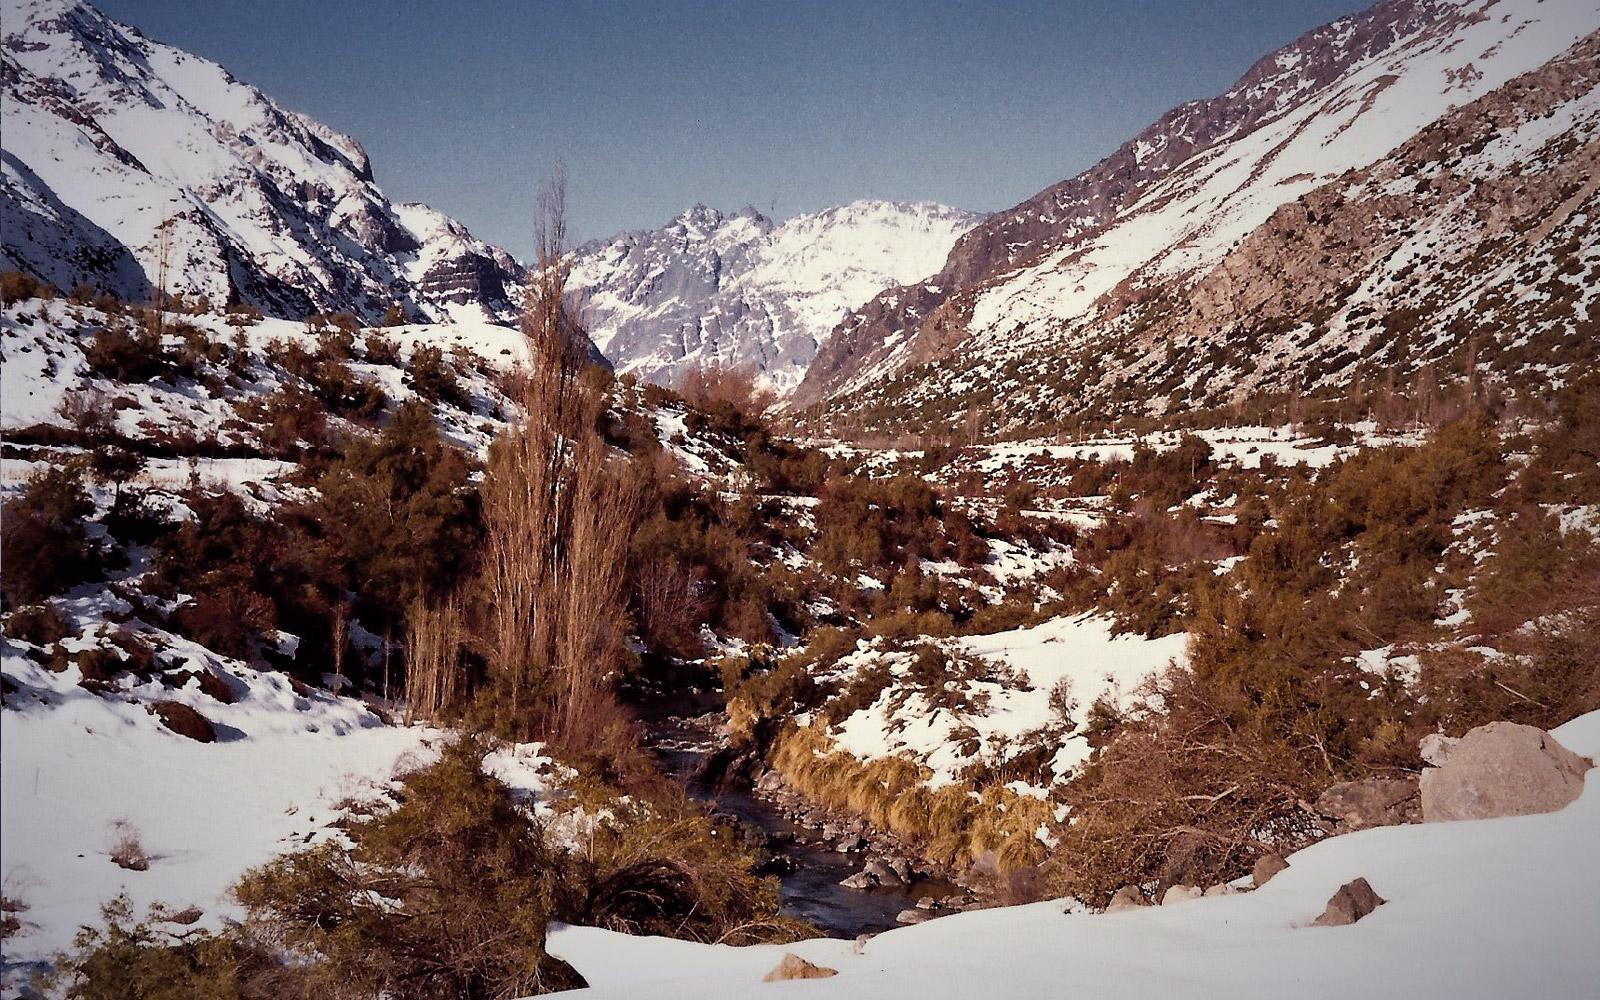 Cajon de Maipo Slide